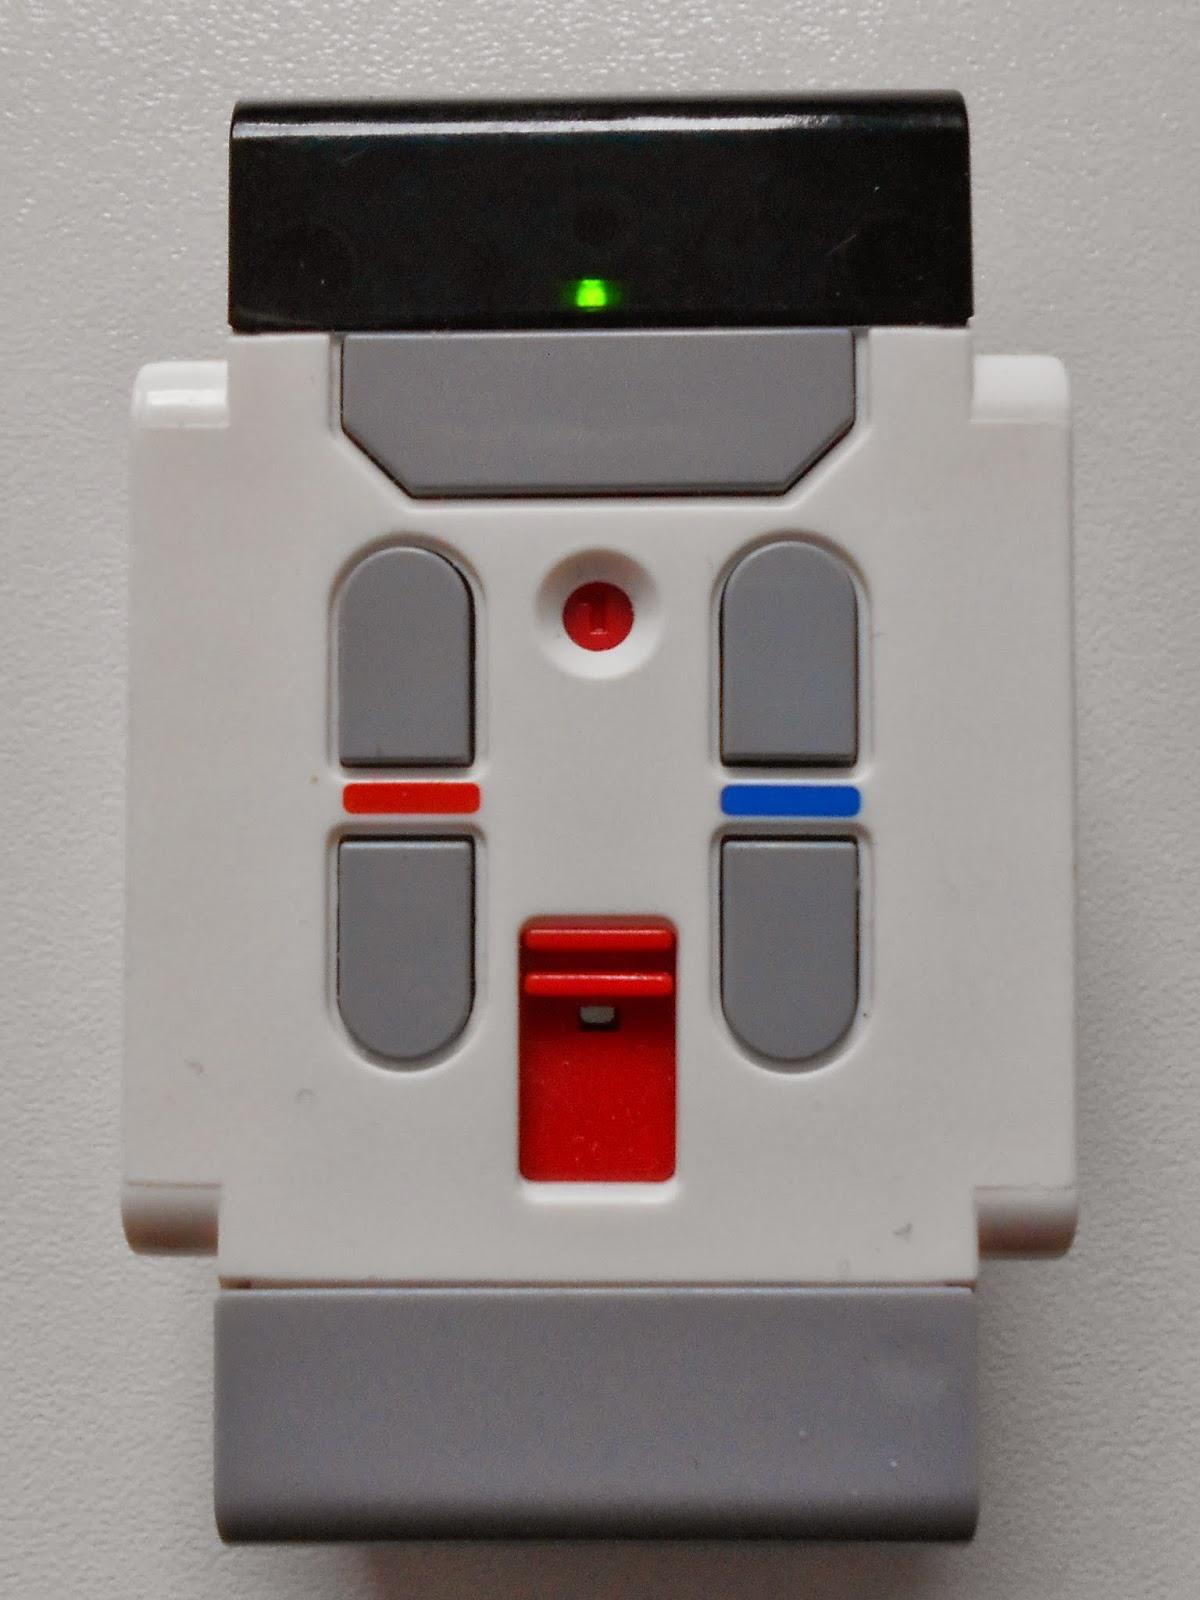 Lego Mindstorms Ev3 Components Infrared Sensor Part 2